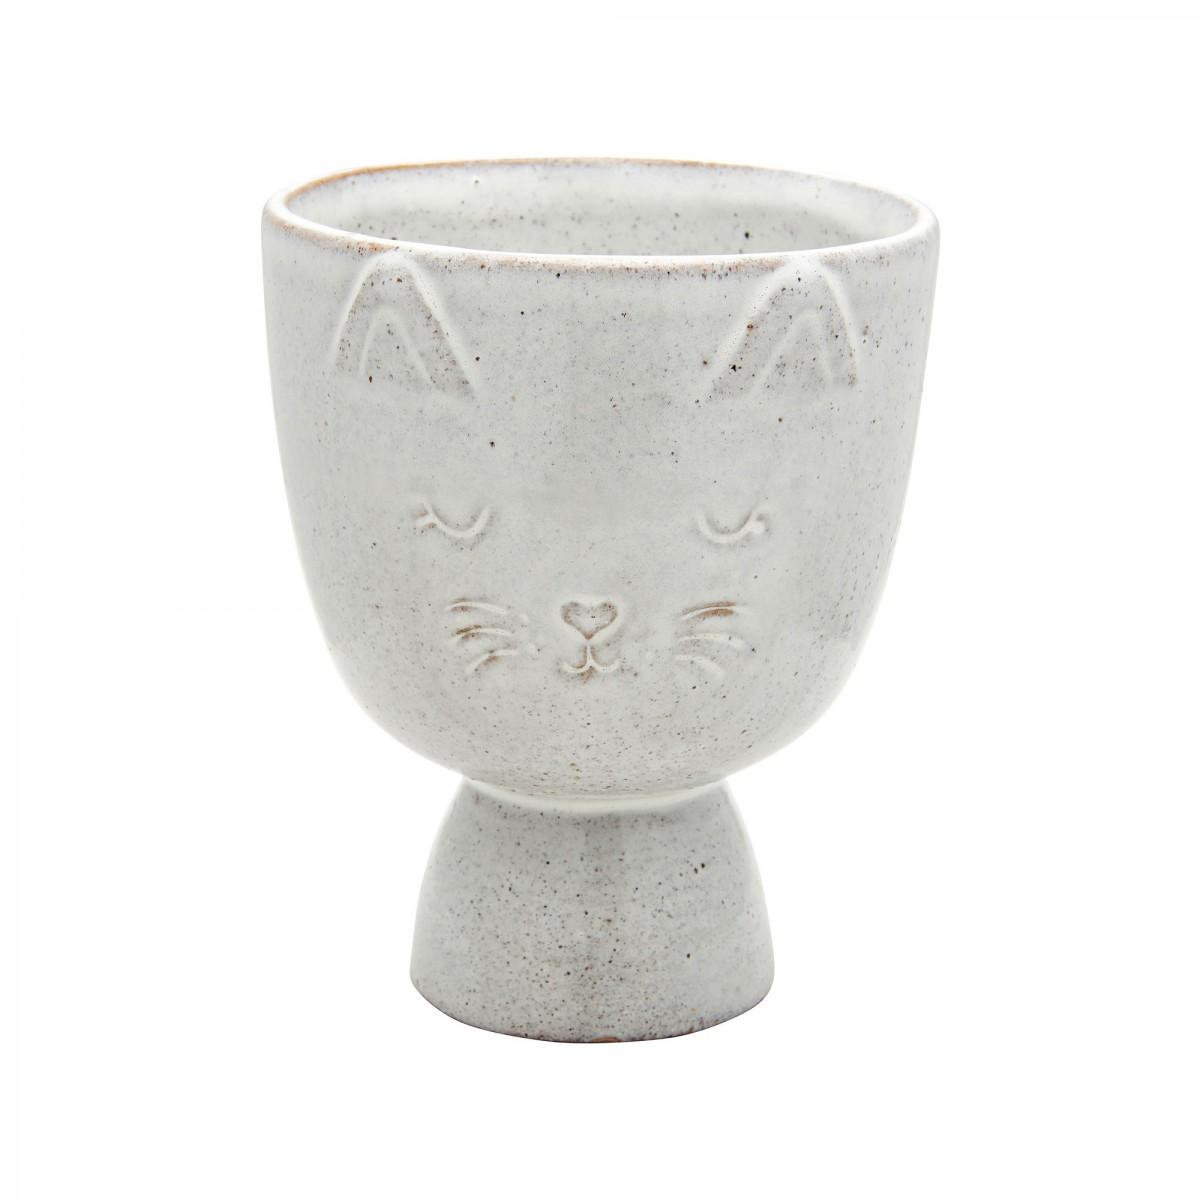 Plantenkamer-Sass-belle-speckled-cat.